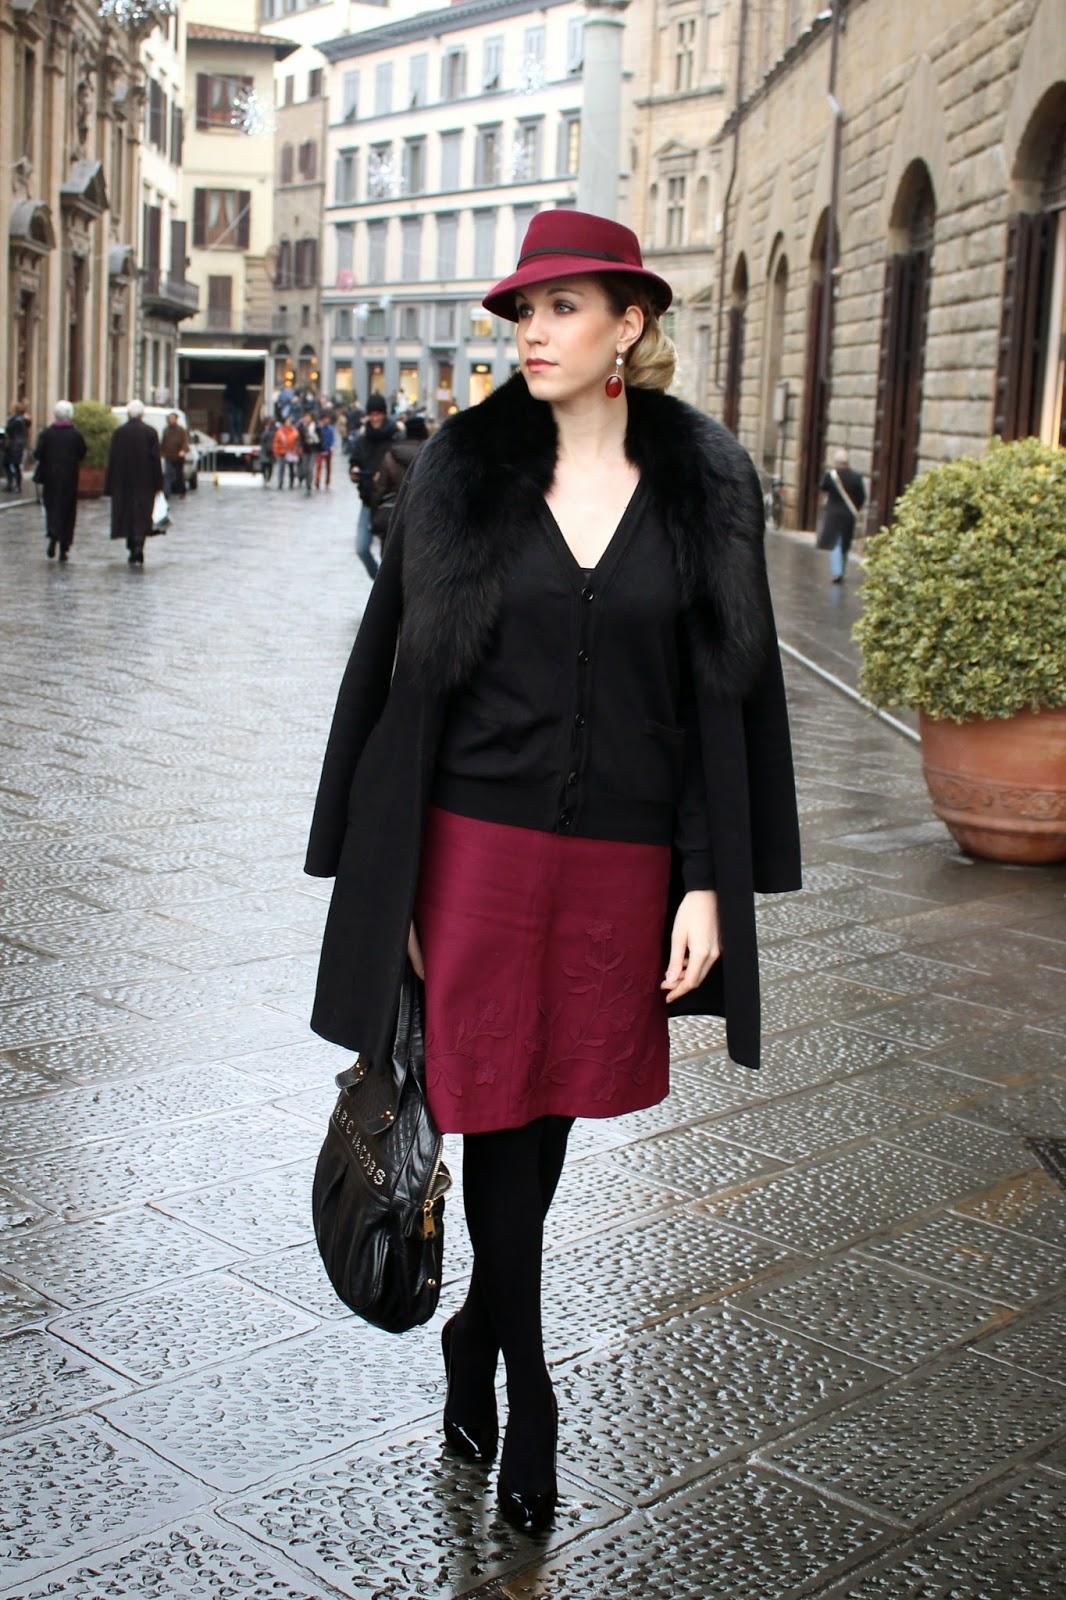 via Tornabuoni fashion Florence